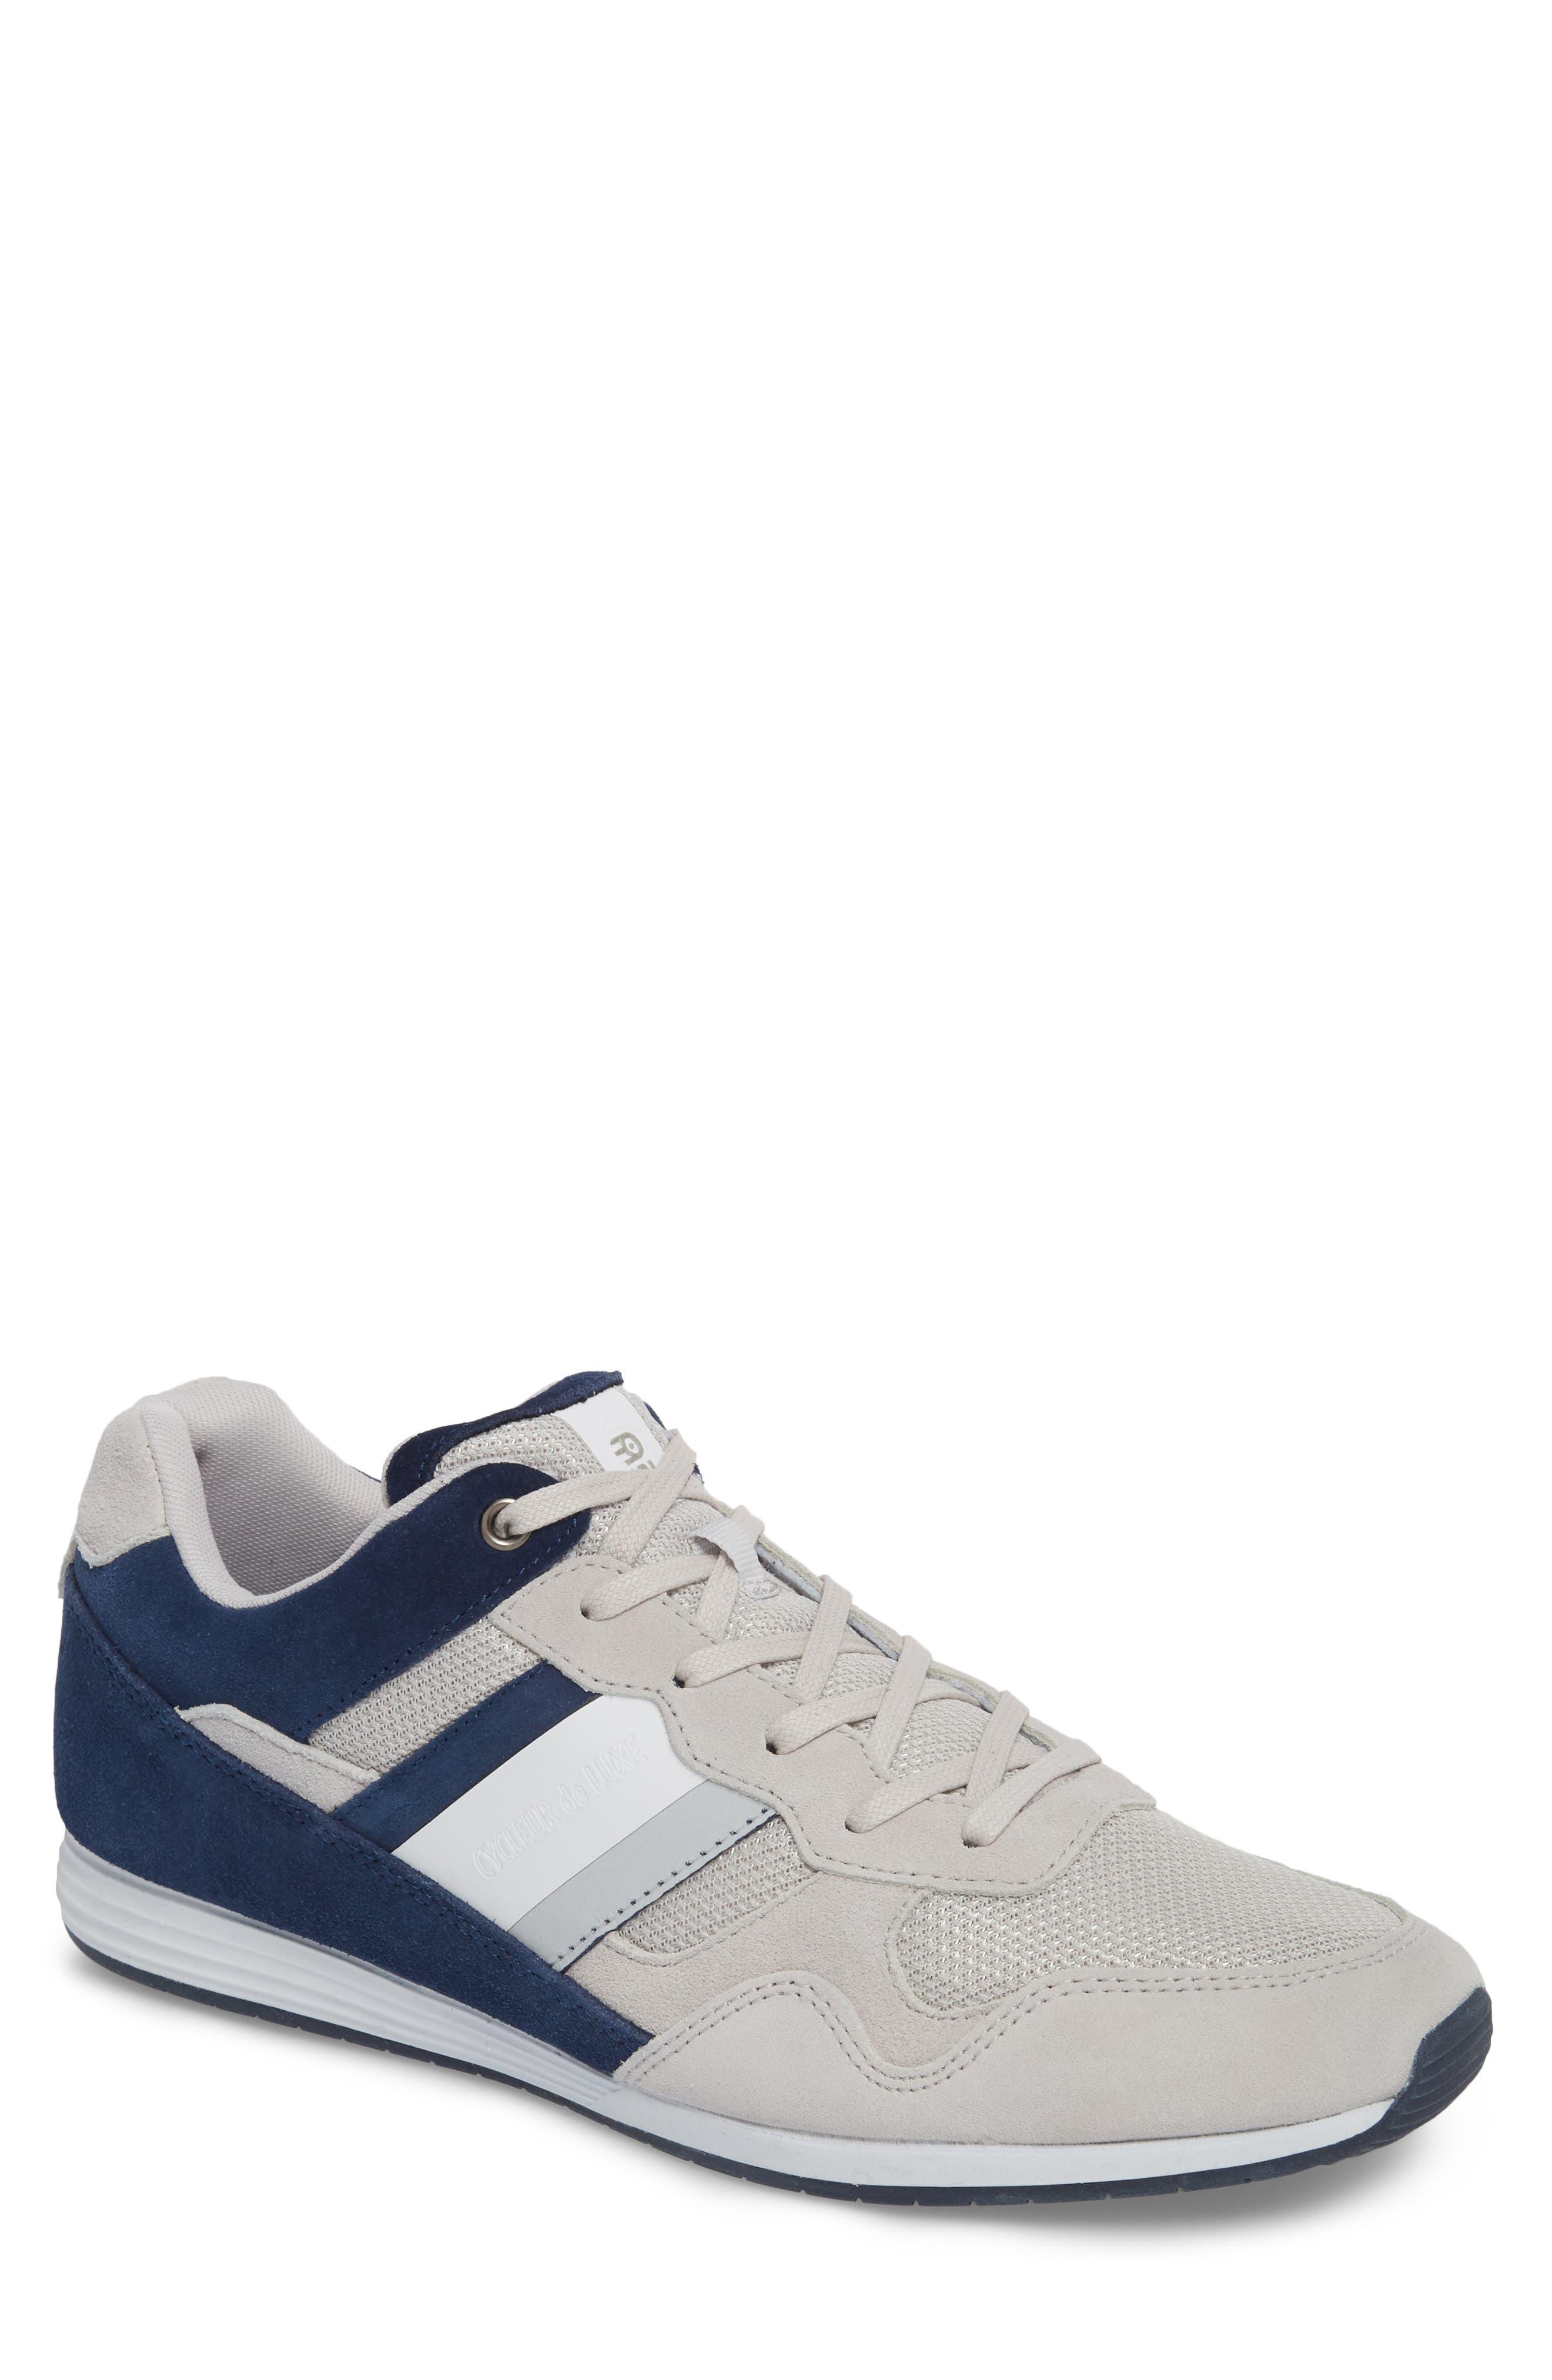 Scarpo Low Top Sneaker,                             Main thumbnail 1, color,                             020